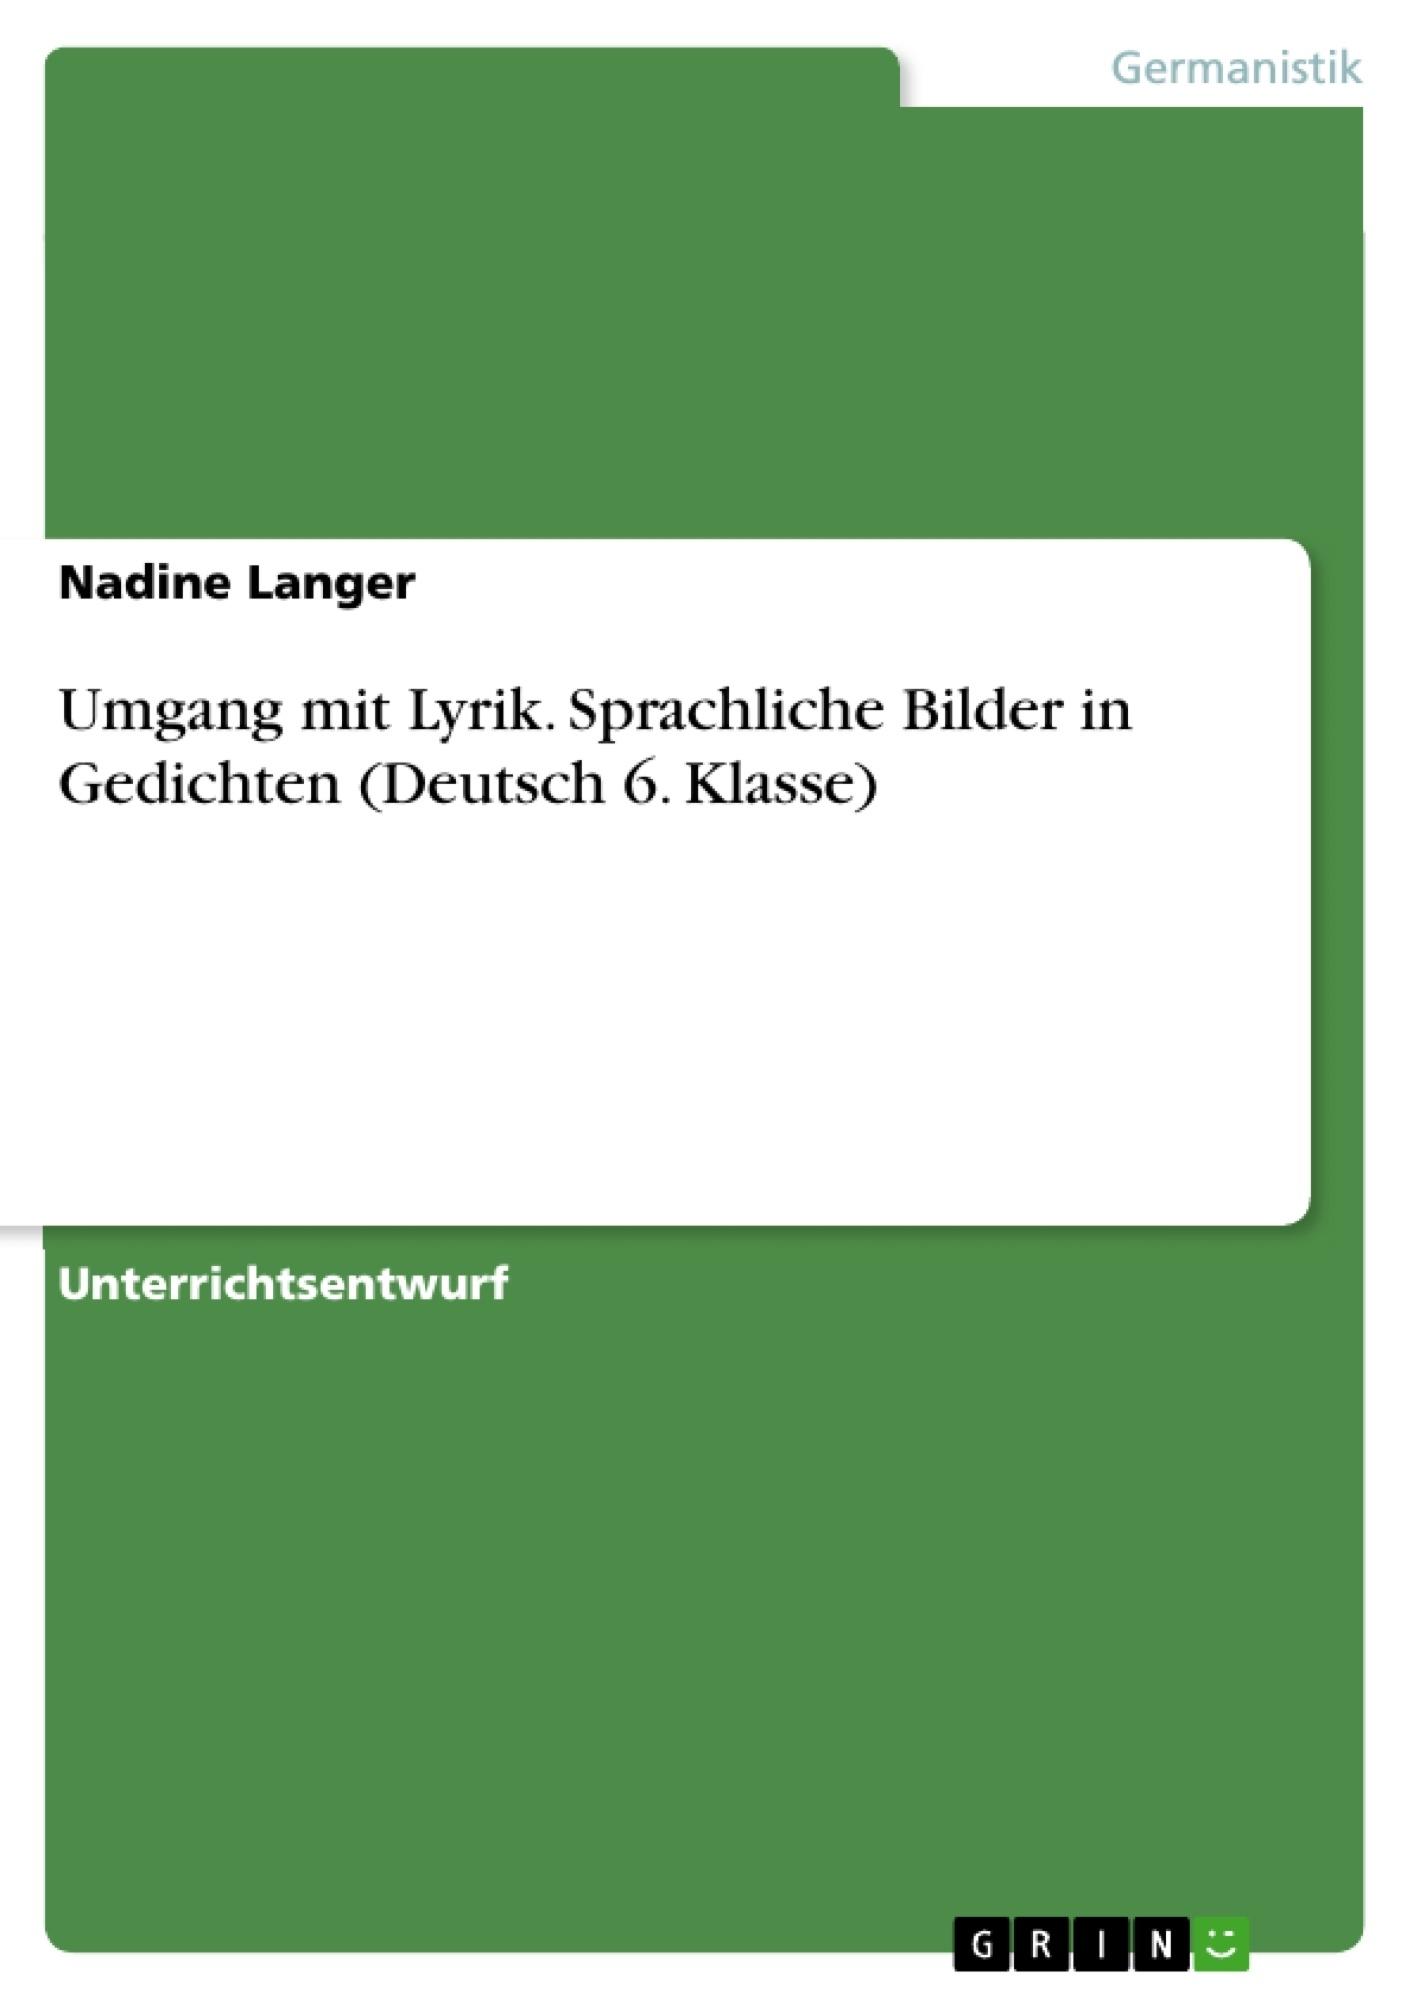 Titel: Umgang mit Lyrik. Sprachliche Bilder in Gedichten (Deutsch 6. Klasse)